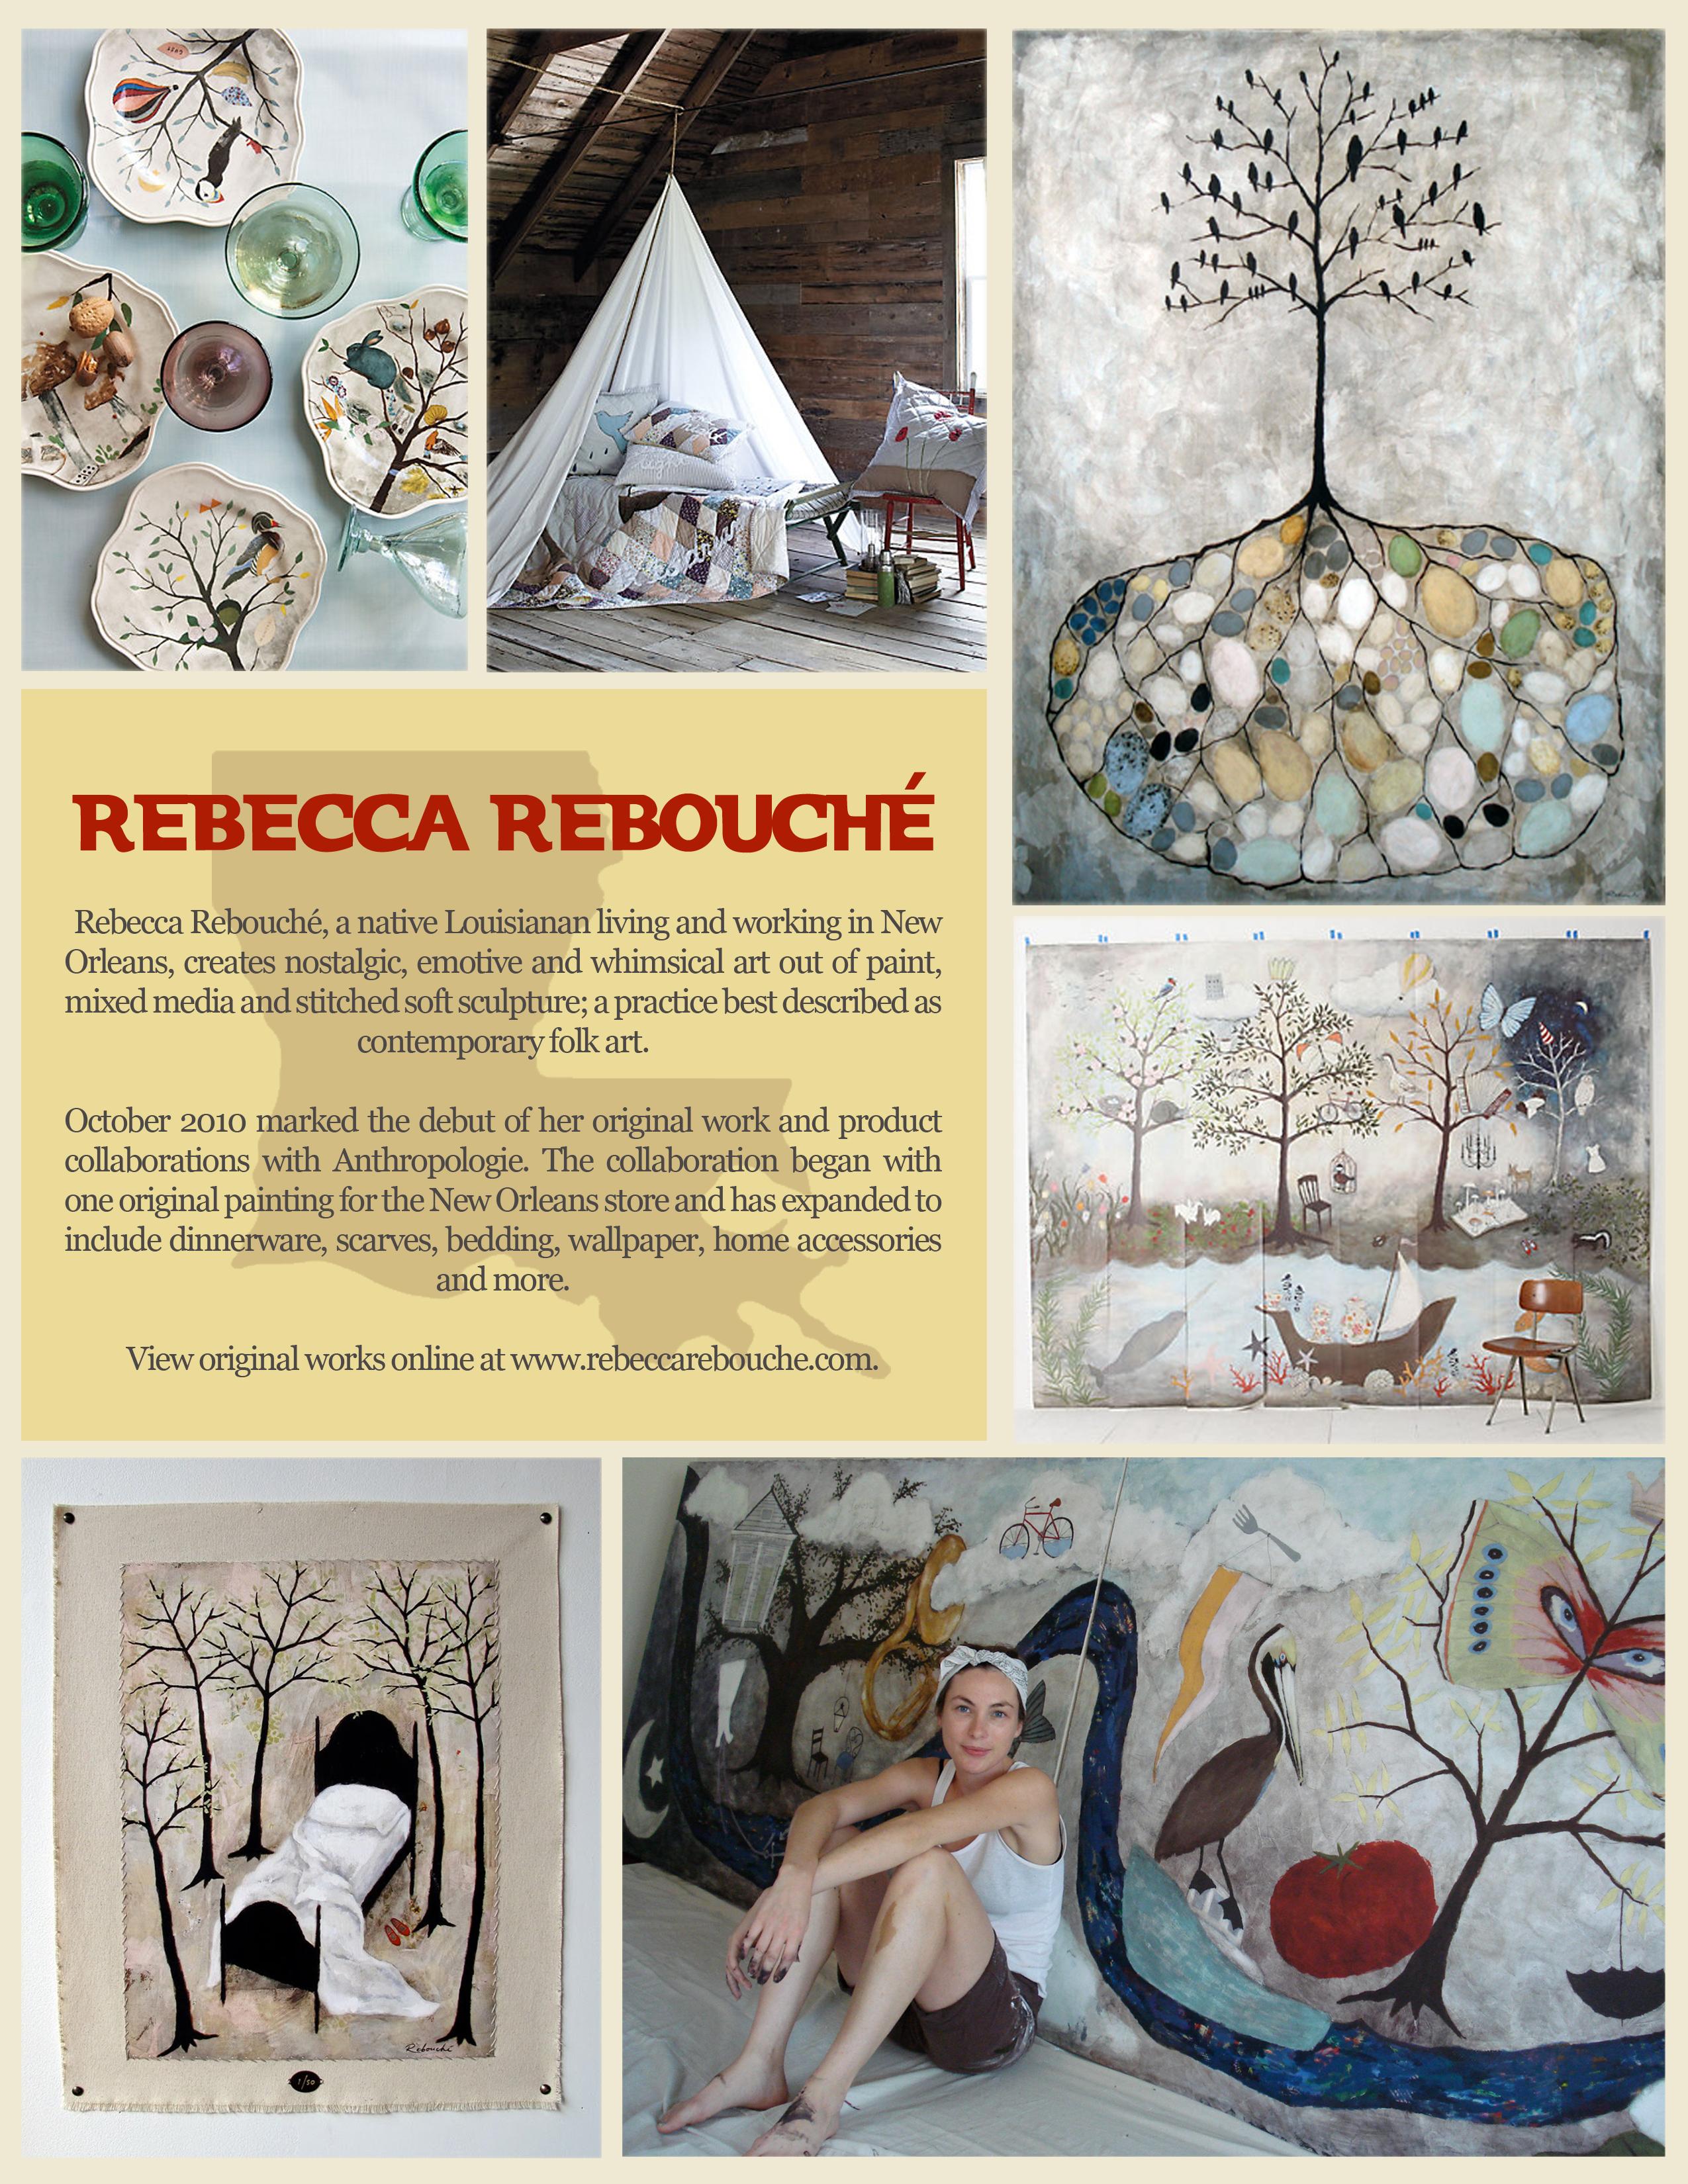 Rebecca Rebouché